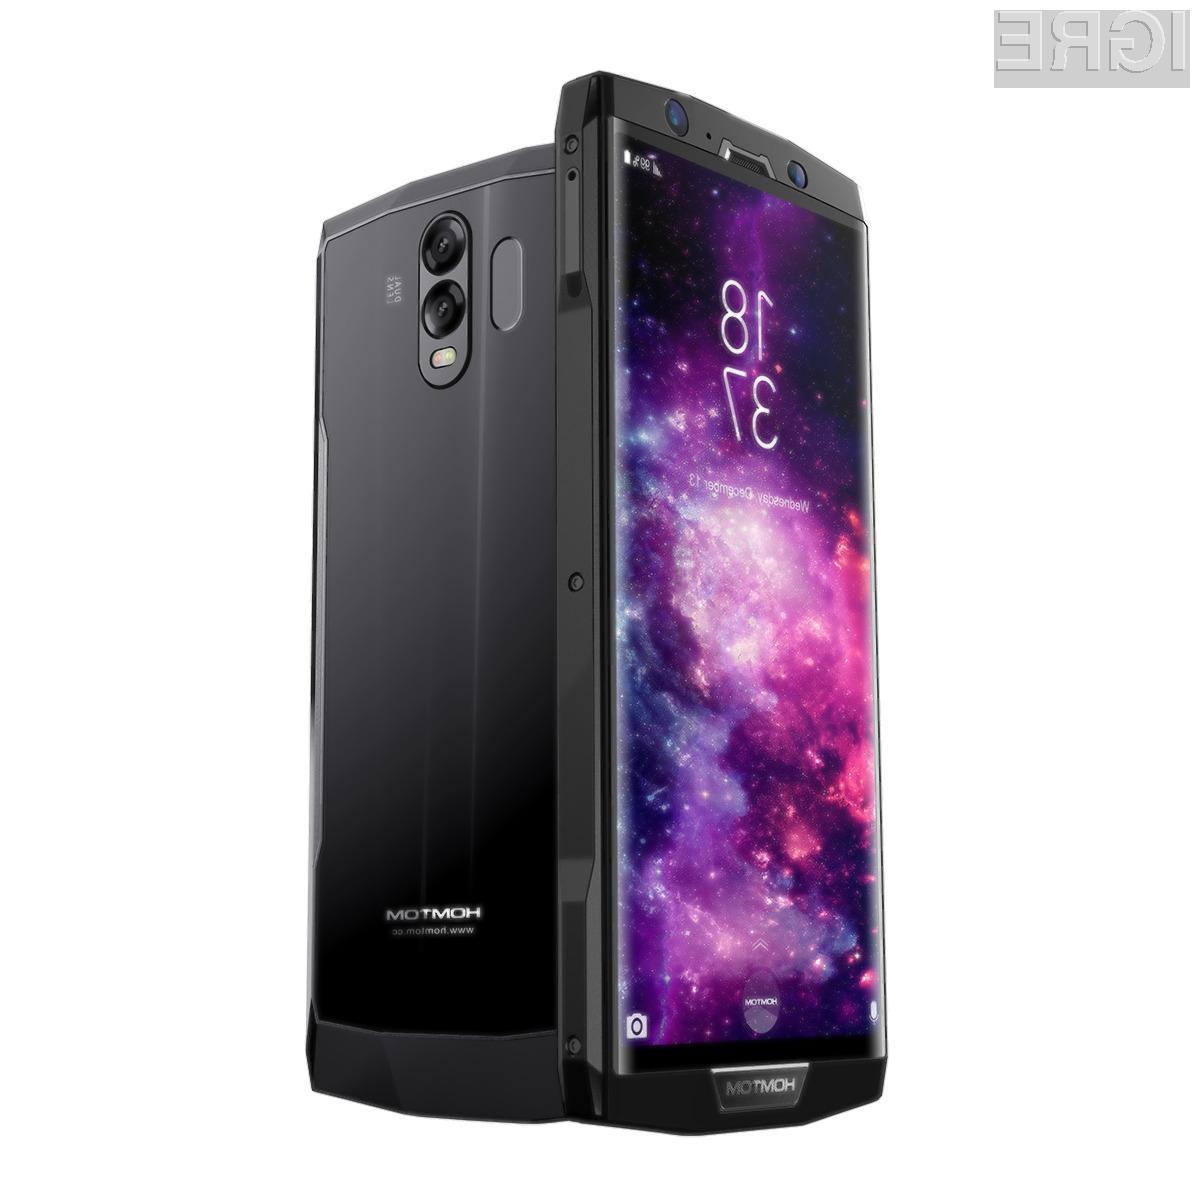 Pametni mobilni telefon HOMTOP HT70 nam zagotovo ne bo treba polniti na vsakem koraku!